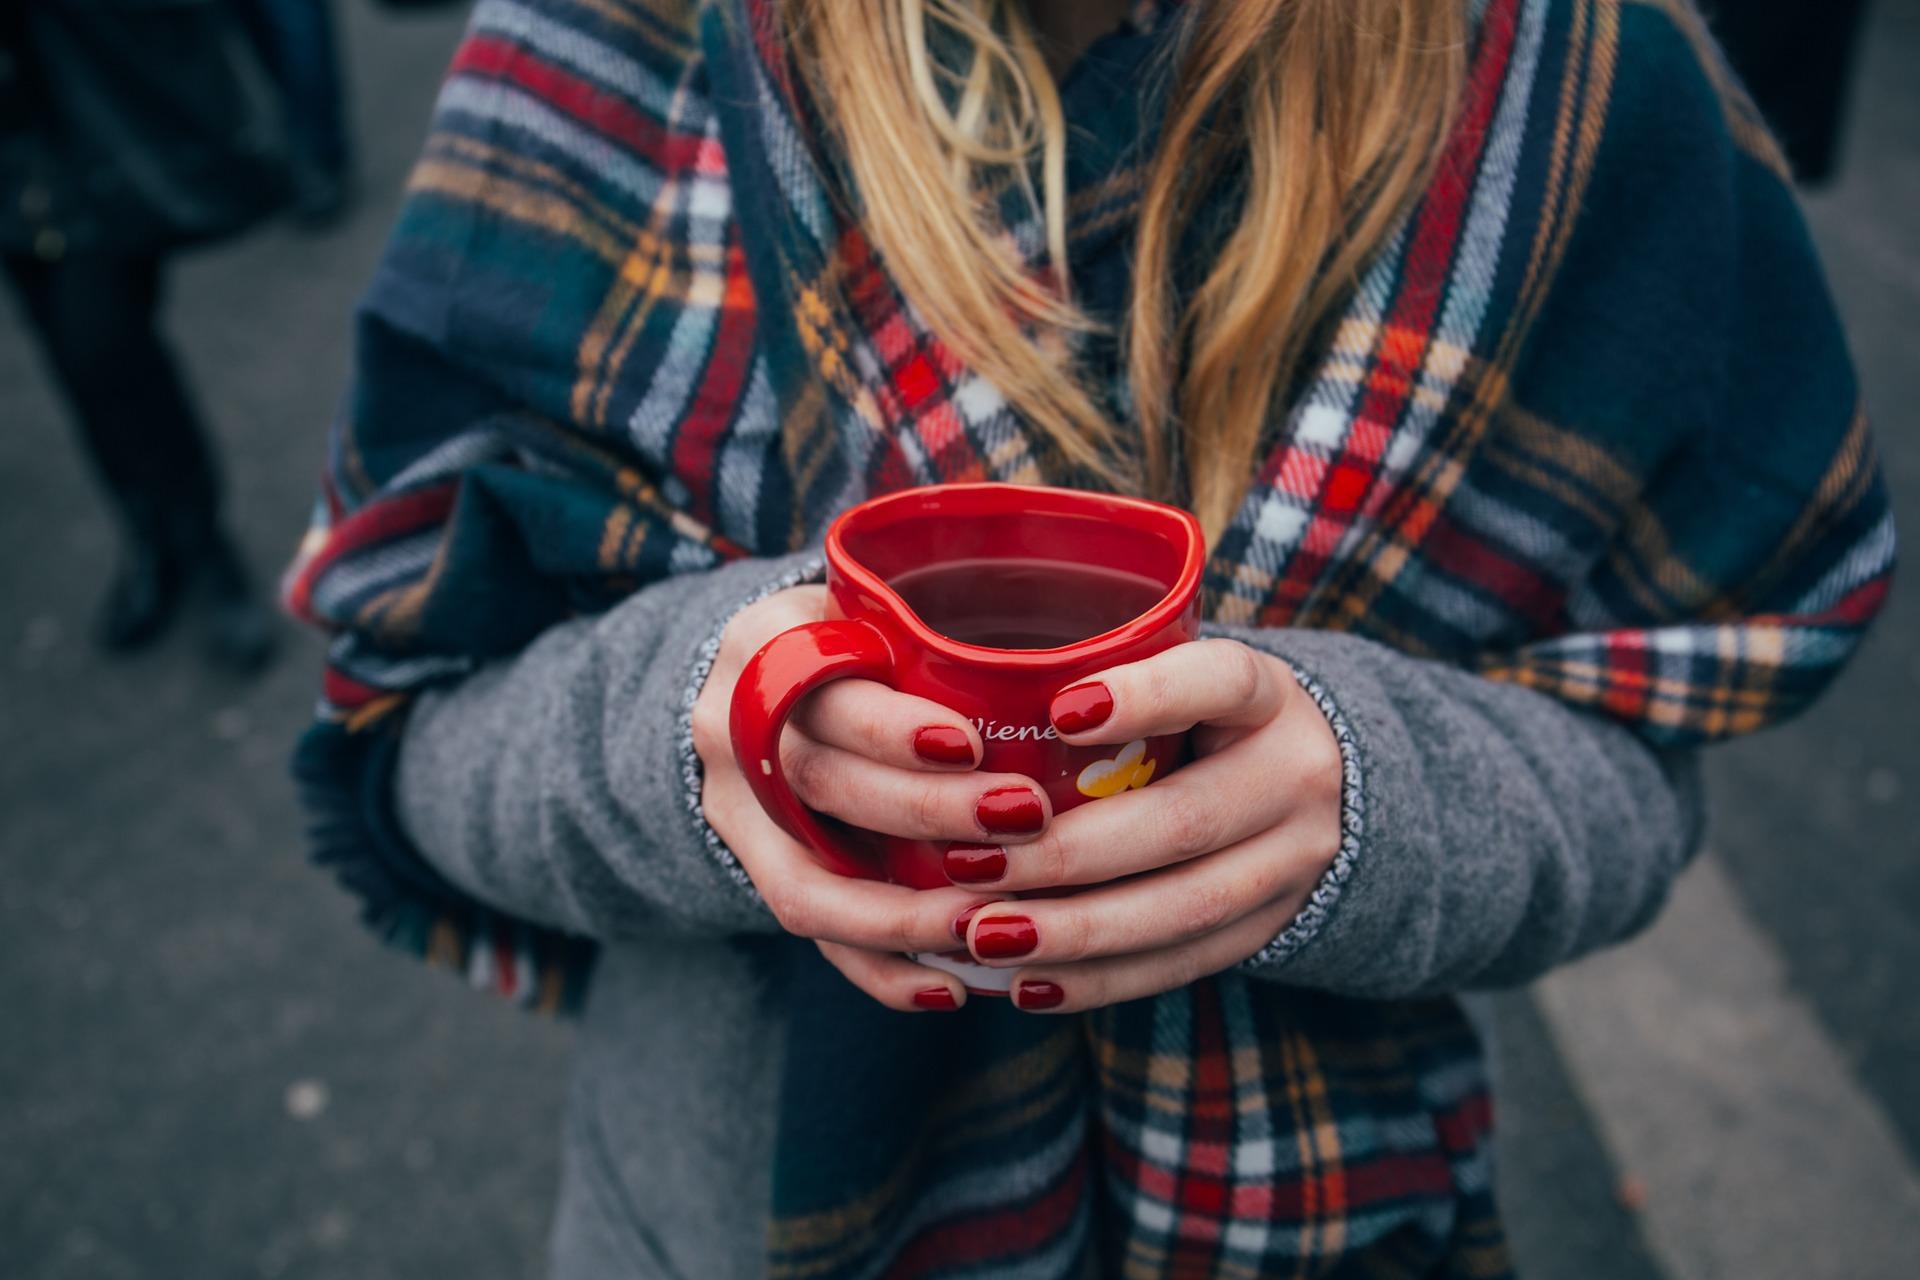 Coppa, caffè, donna, sciarpa, mani, chiodi, bevande, Rosso - Sfondi HD - Professor-falken.com